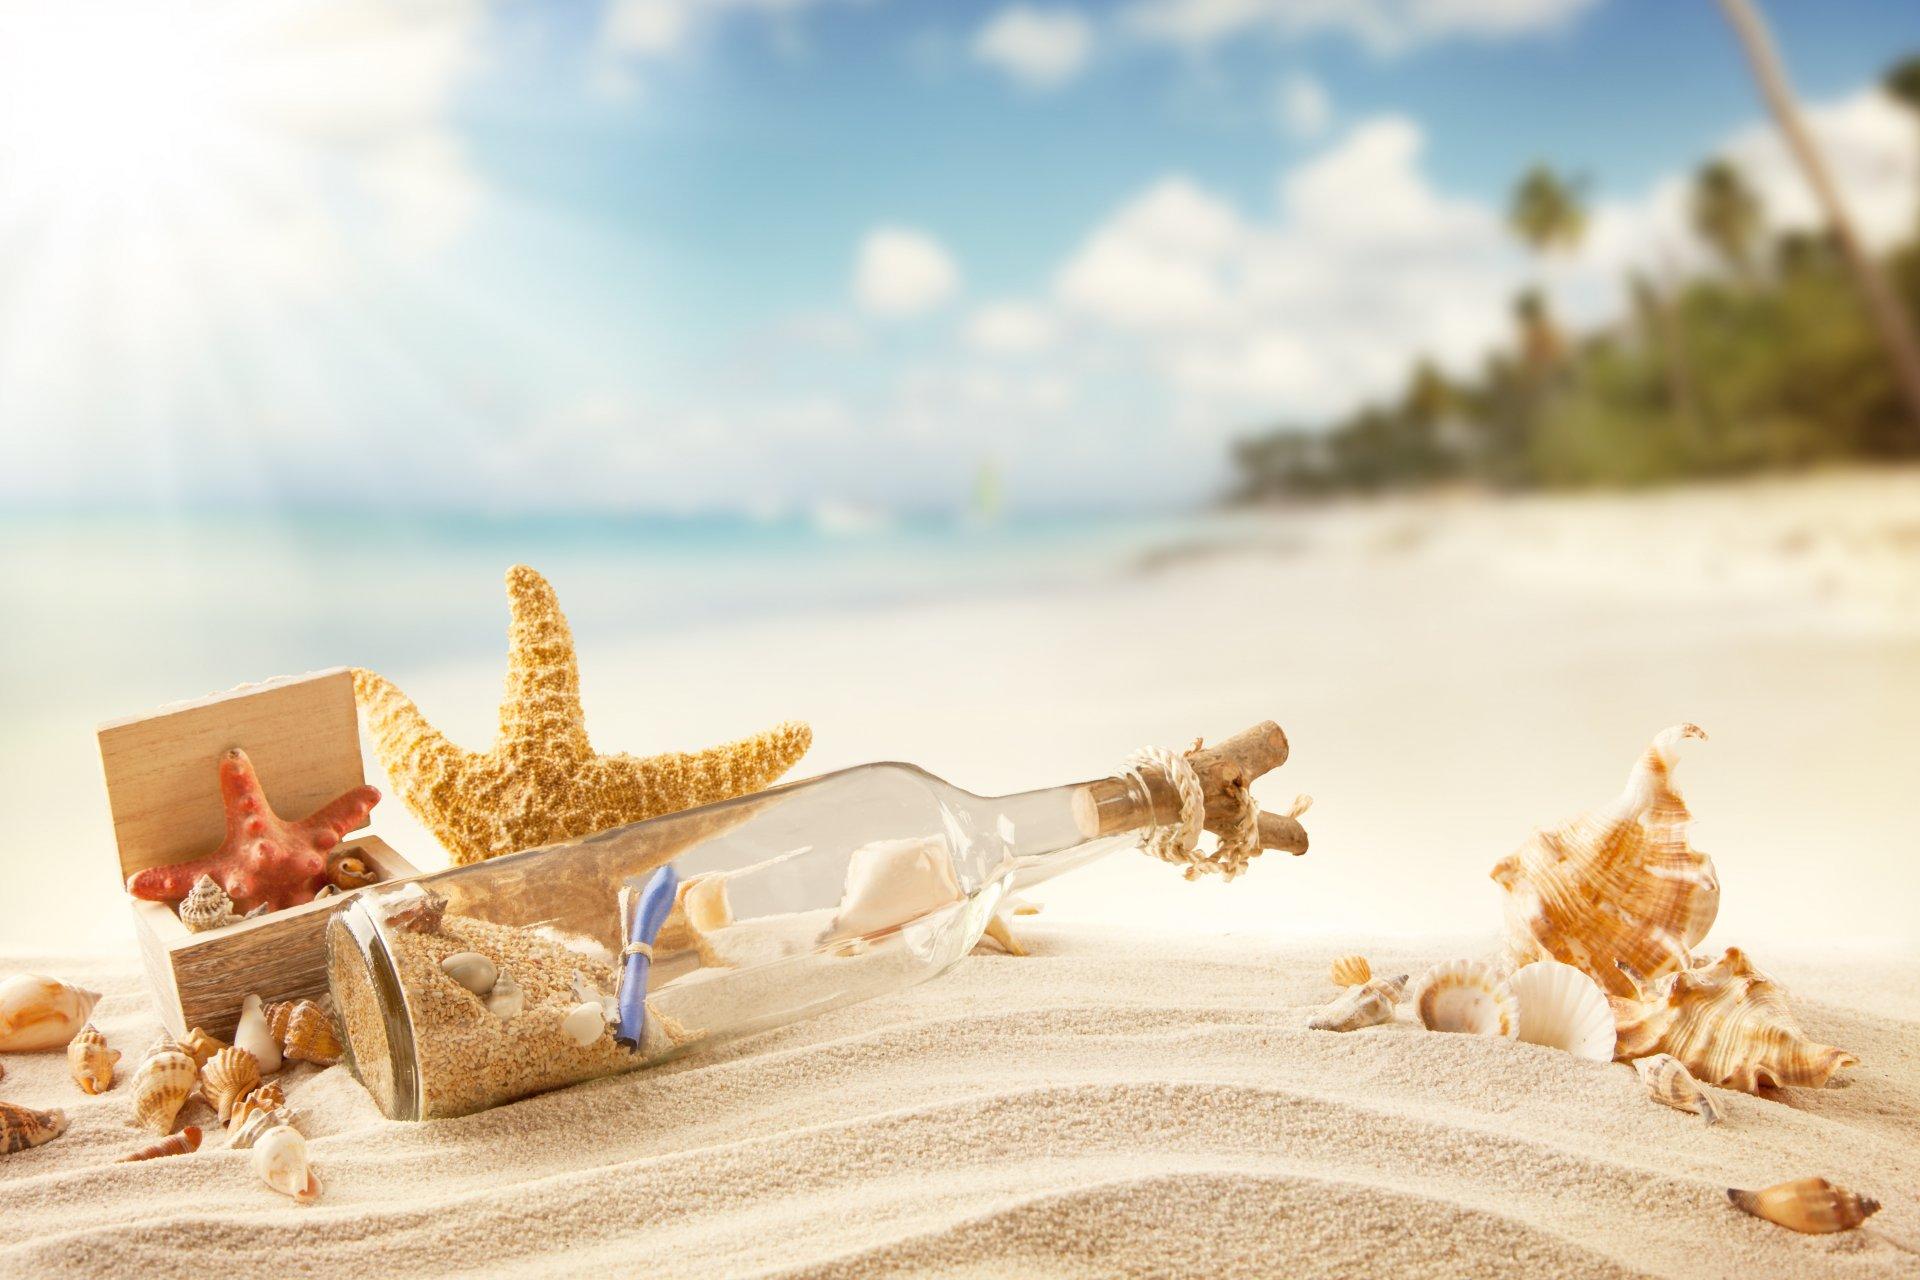 природа раковины песок пляж морская звезда nature shell sand the beach sea star загрузить